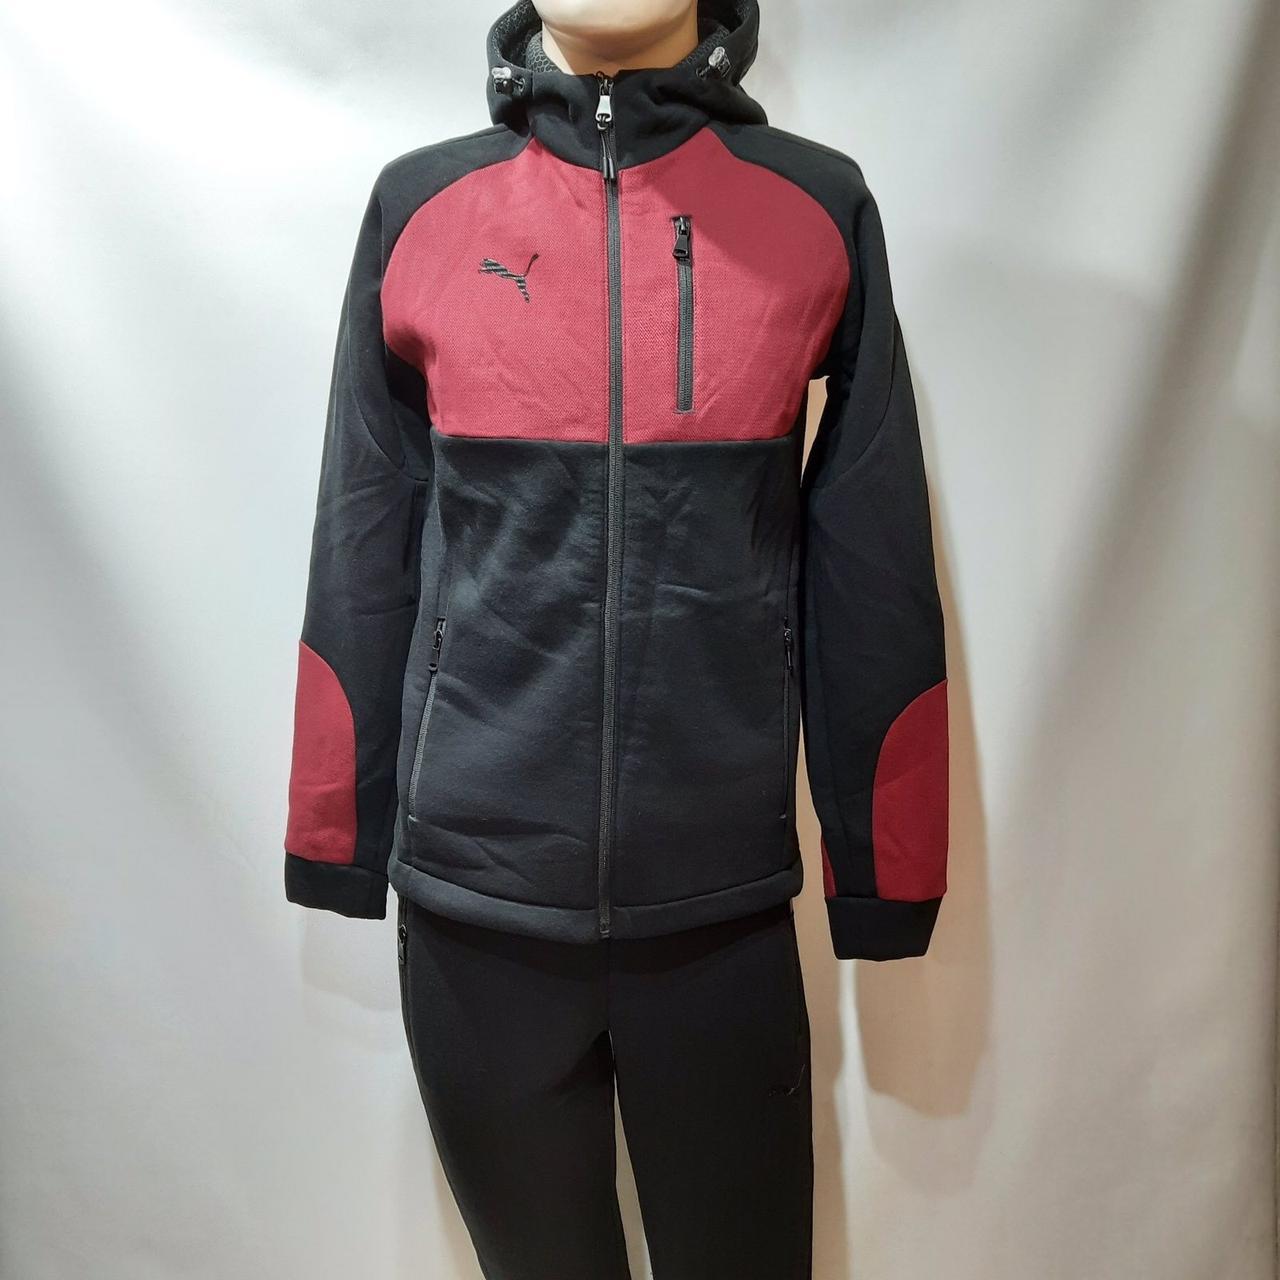 Теплый мужской спортивный костюм с капюшоном  Черный с бордовыми вставками